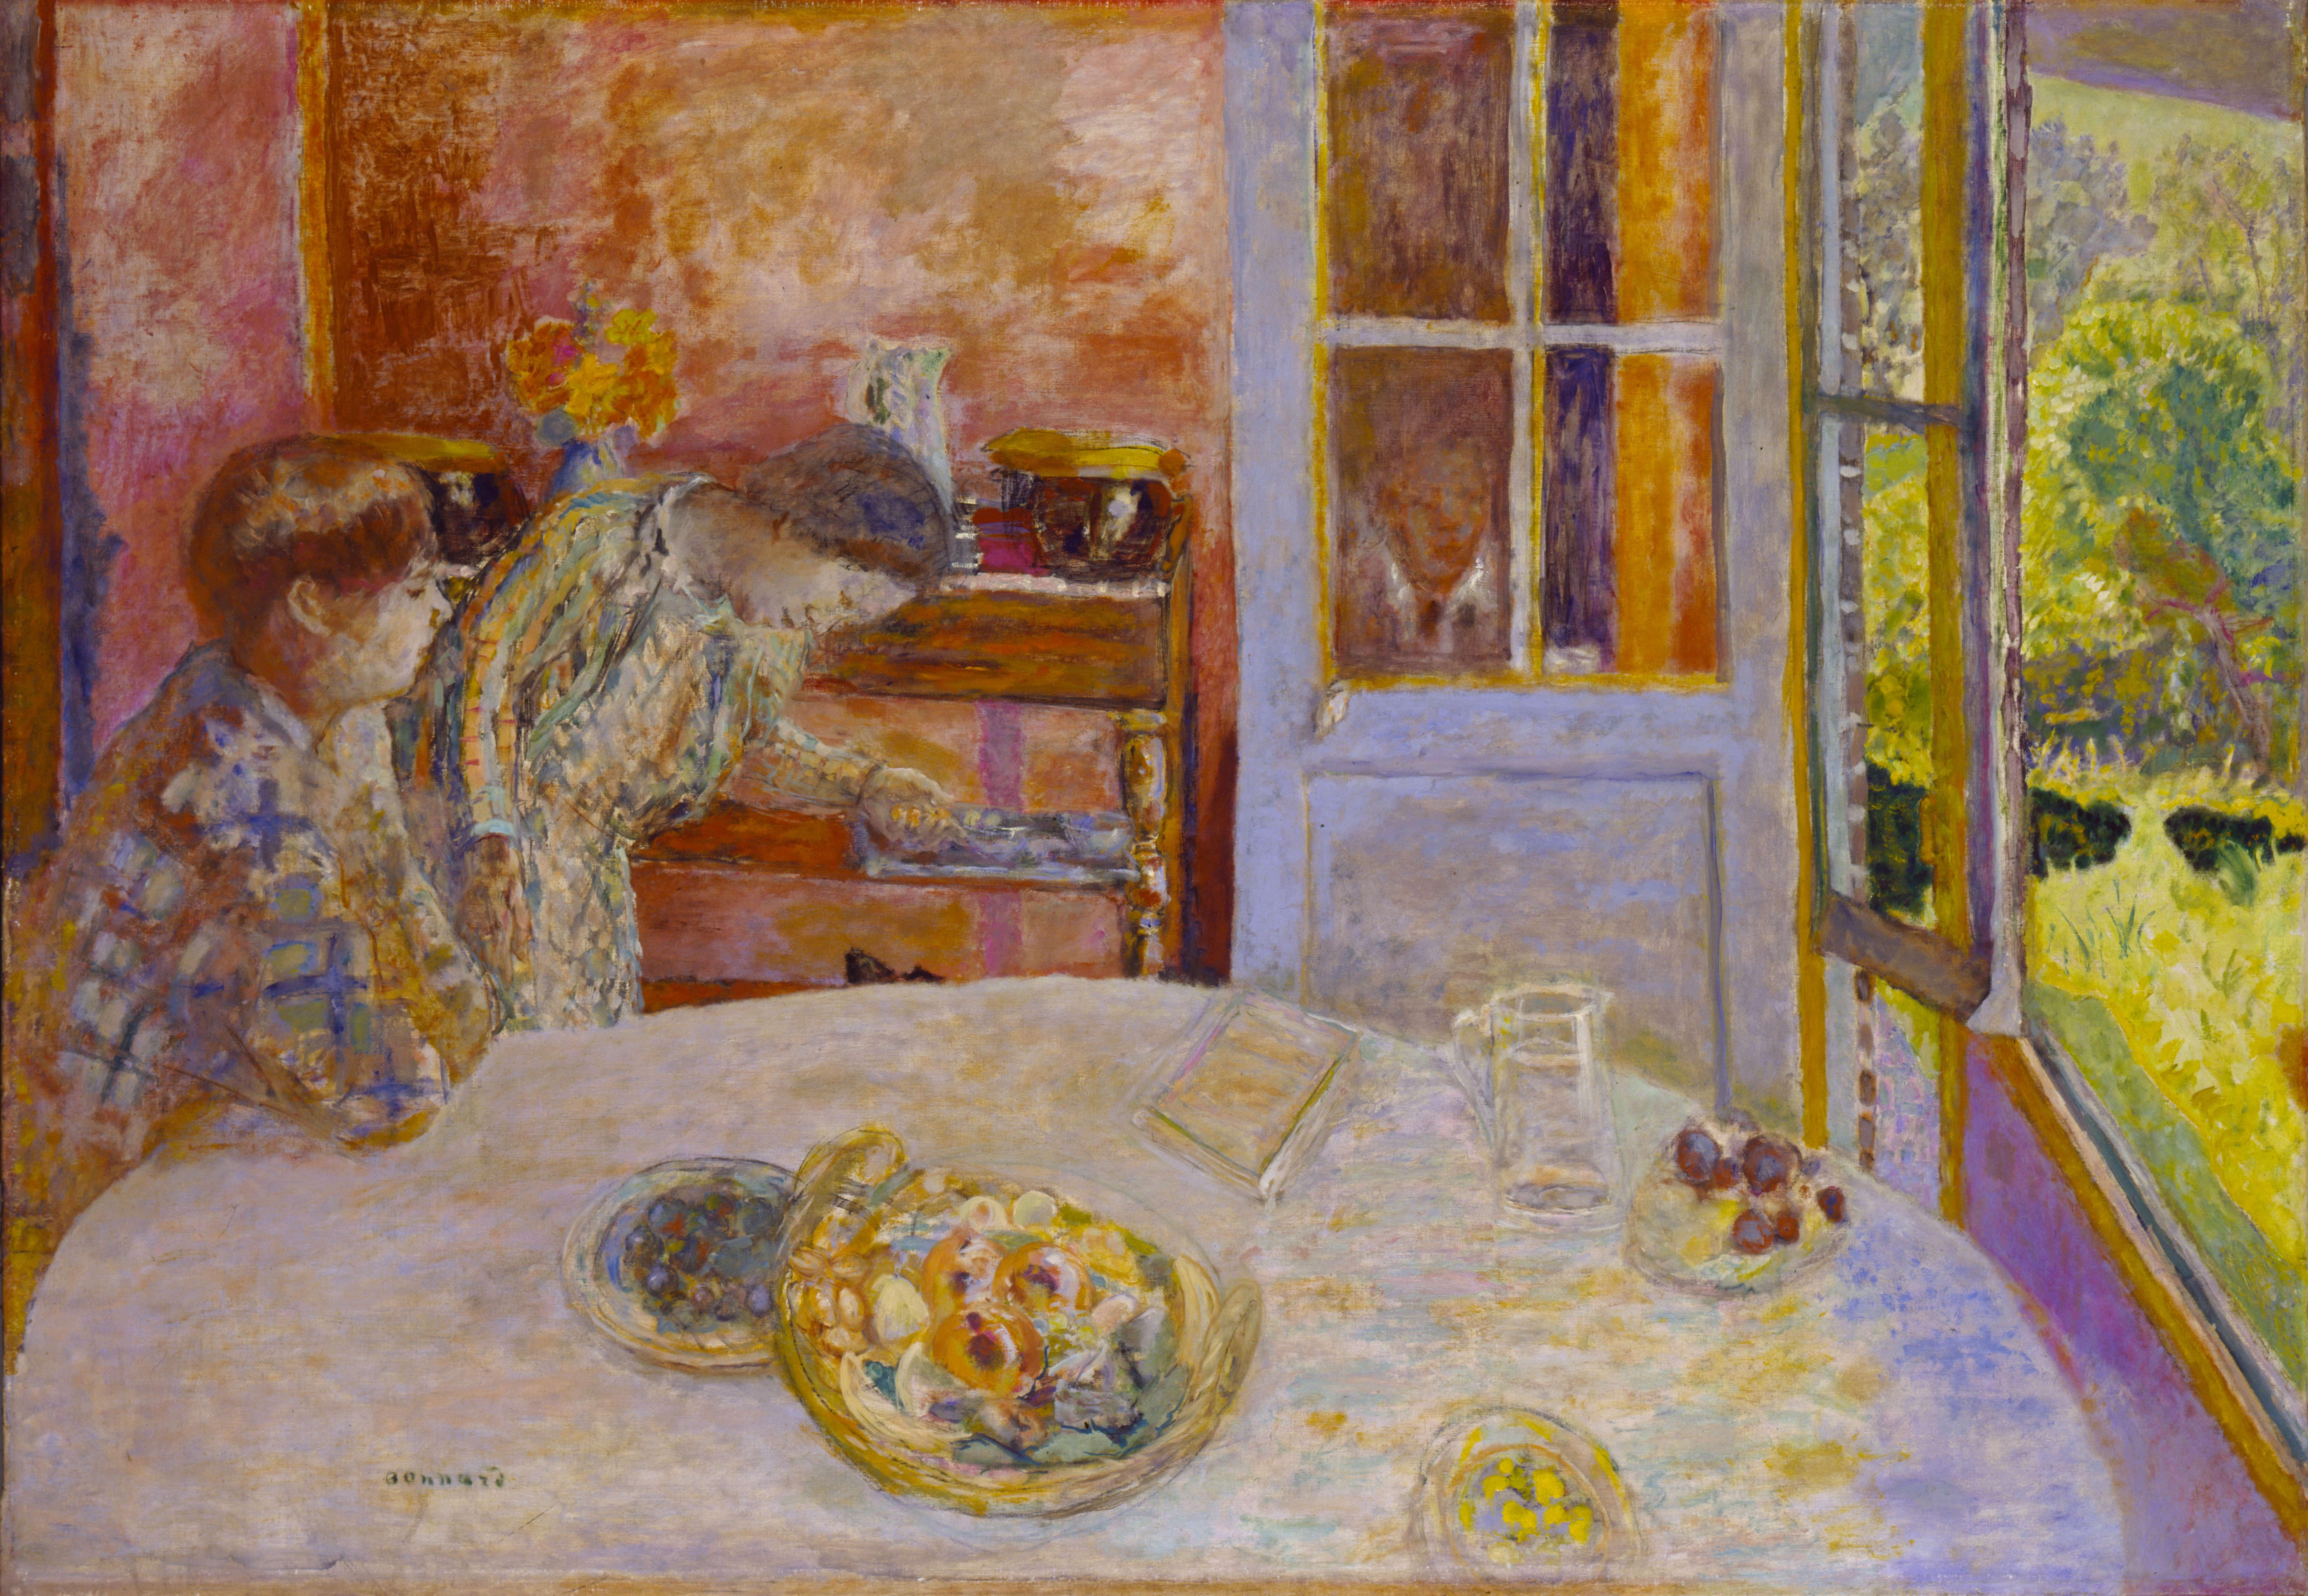 De Salle À Manger pierre-bonnard-the-dining-room-(la-salle-à-manger,-vernon